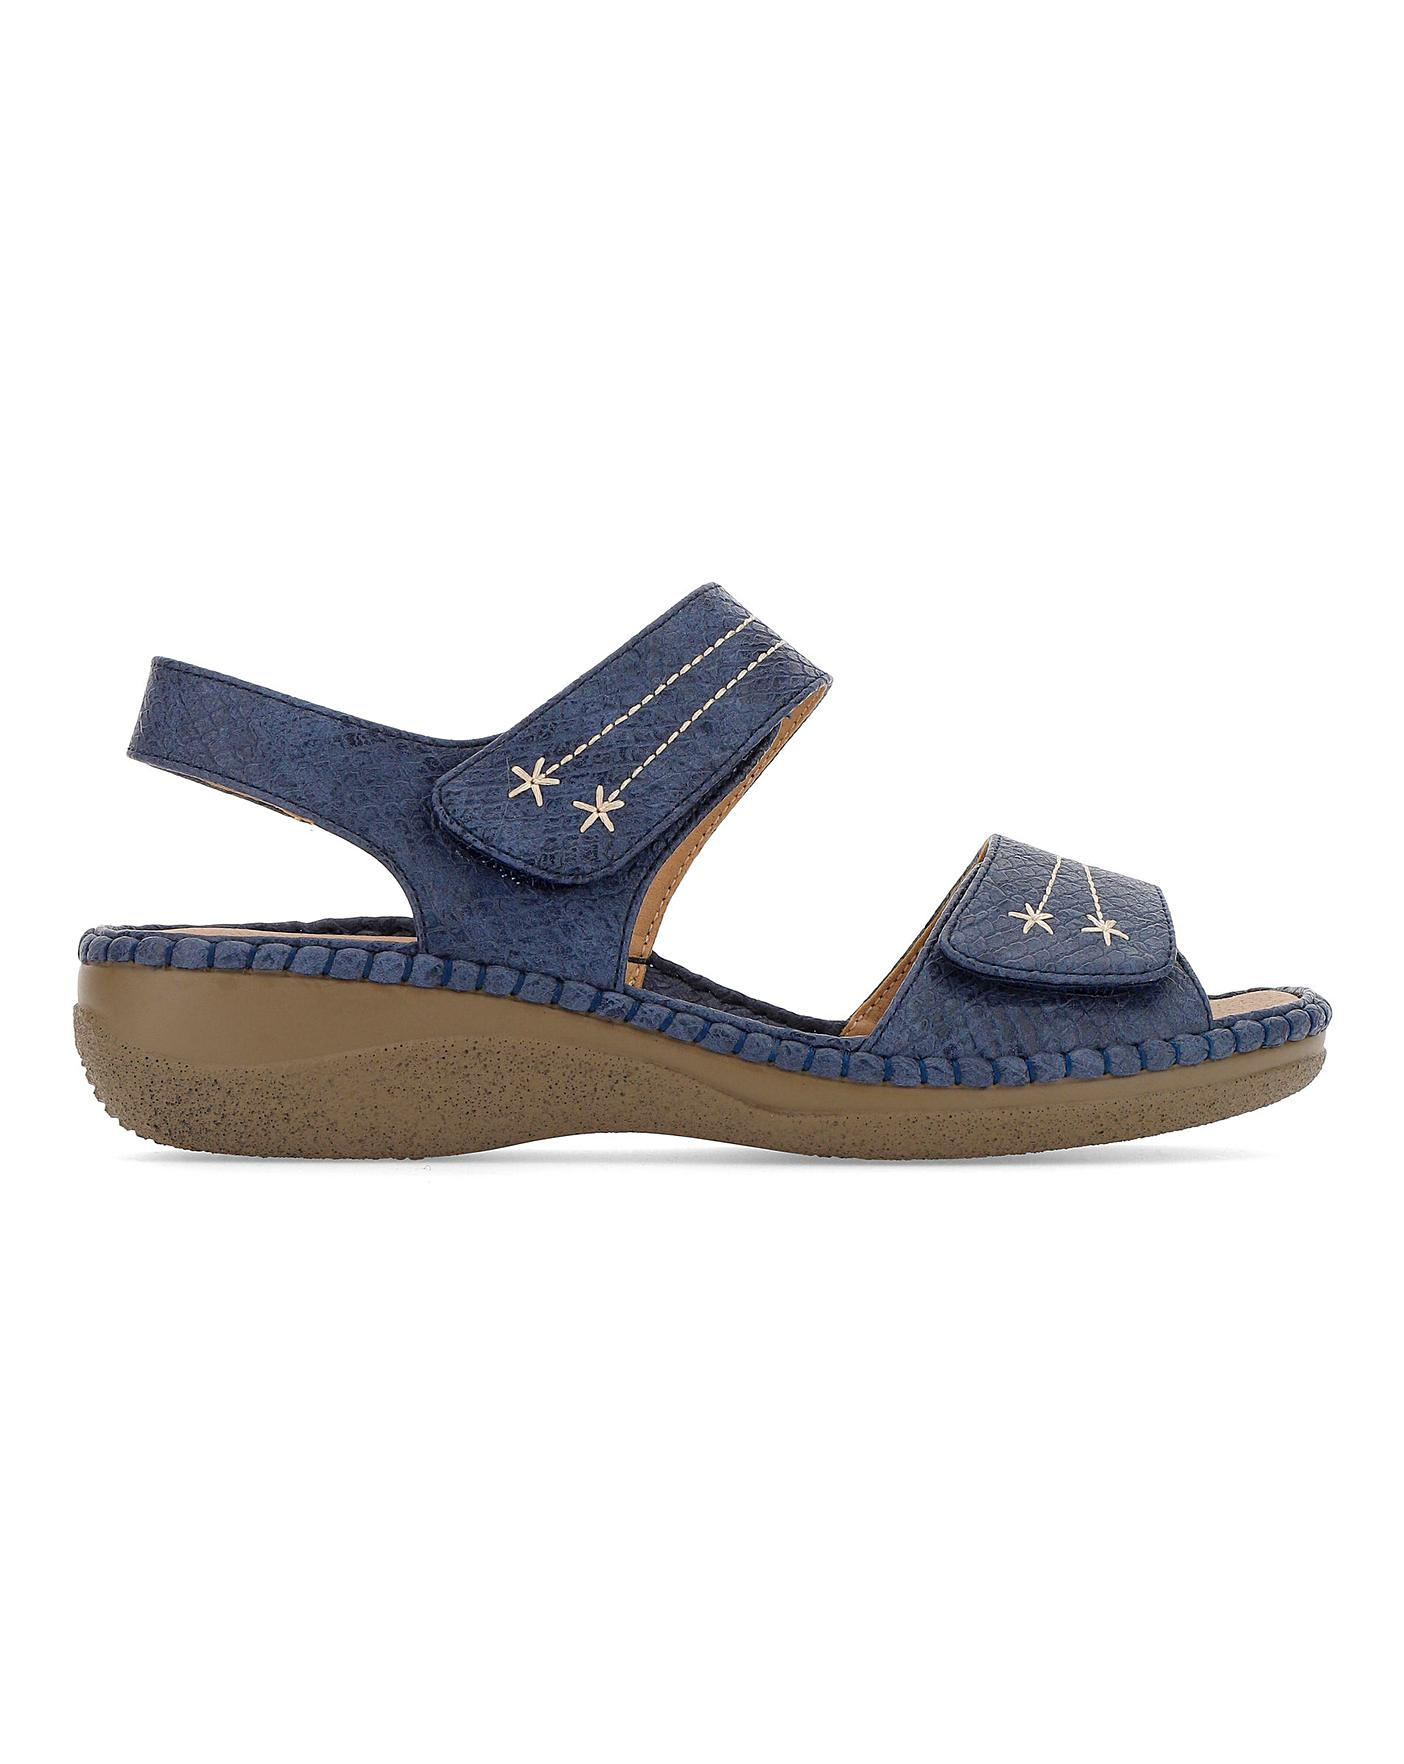 Cushion Walk Sandals EEE Fit | J D Williams